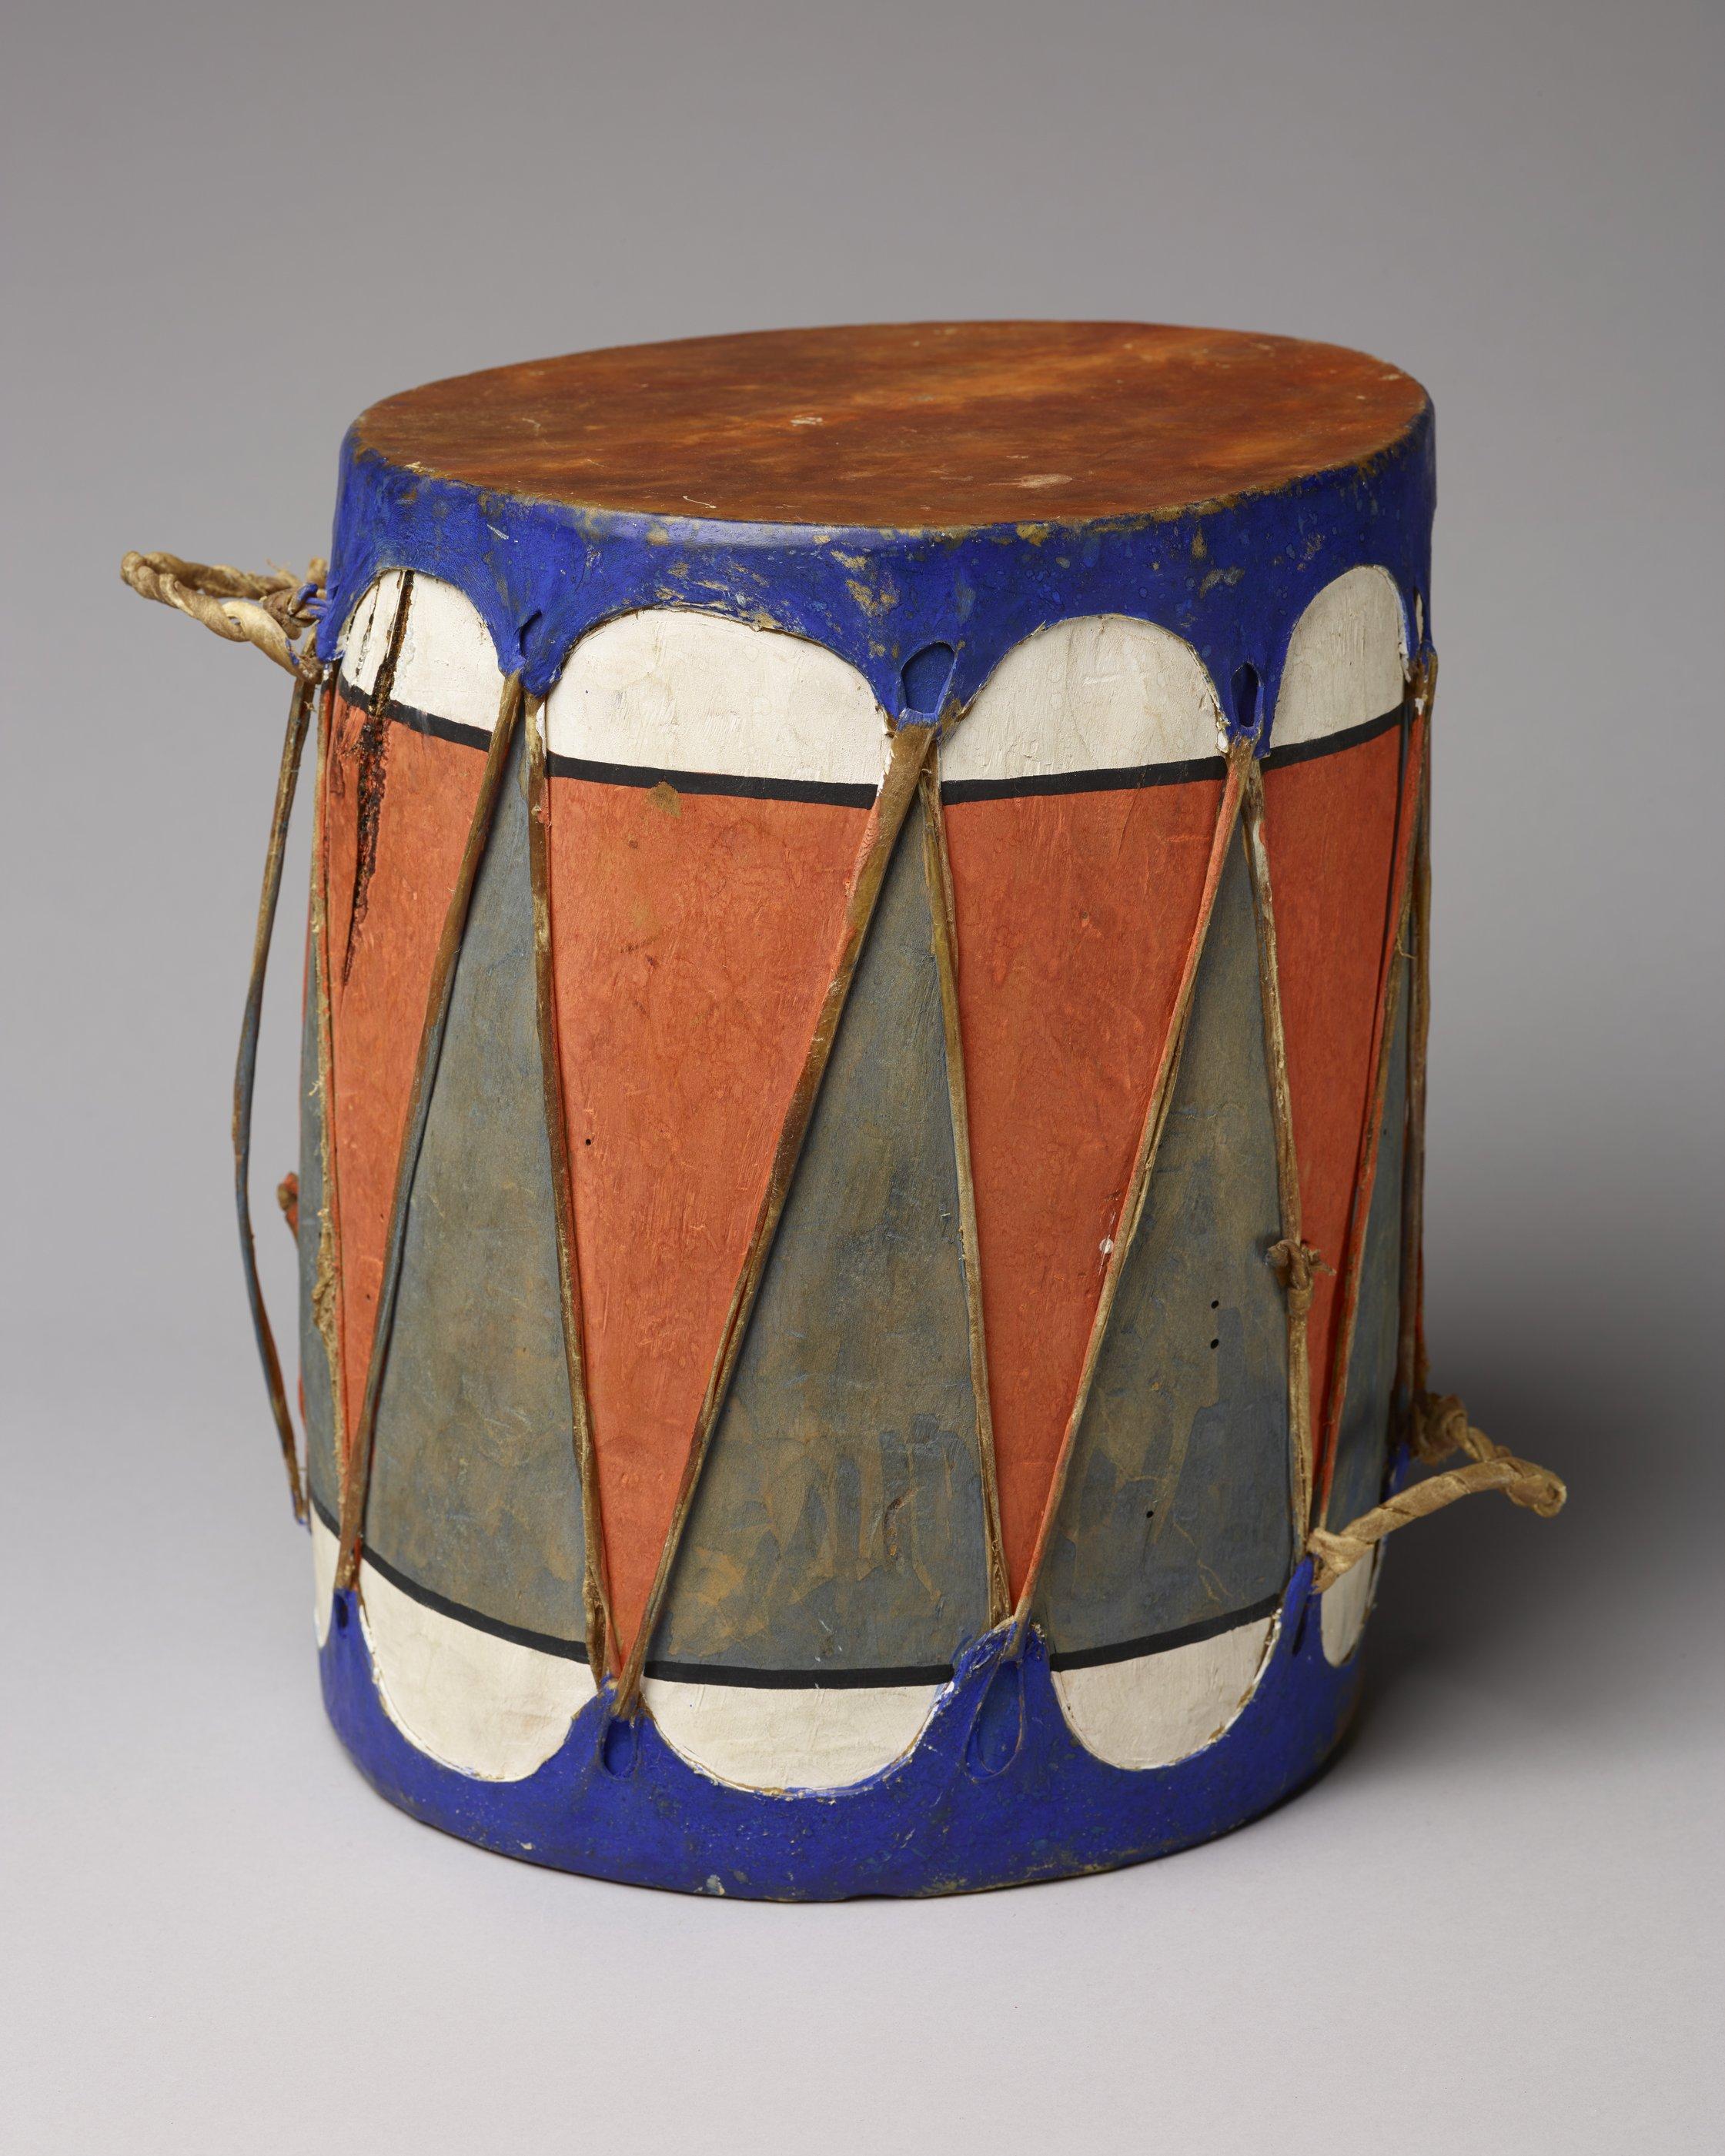 Kaw Drum - 3